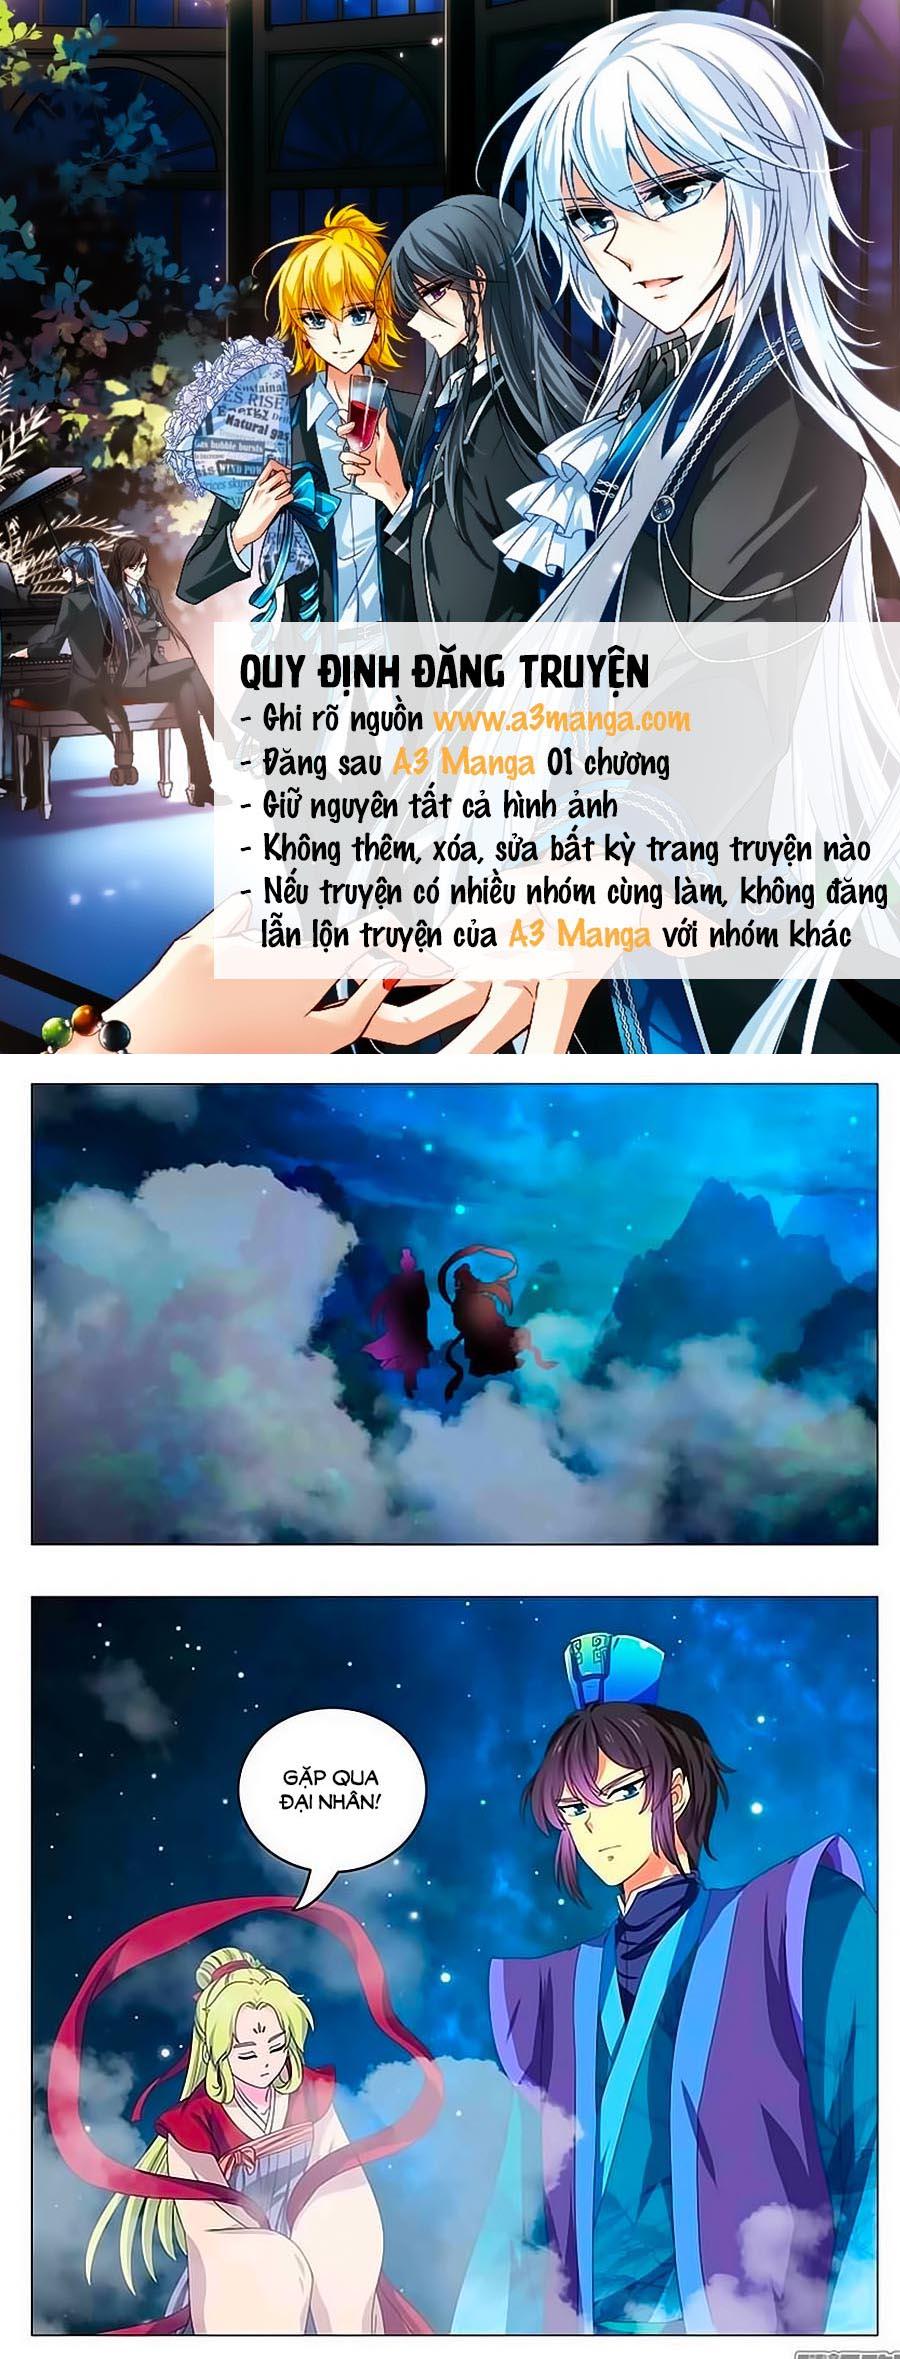 Đống Phù Đã Khai Quang Chap 63 - Next Chap 64